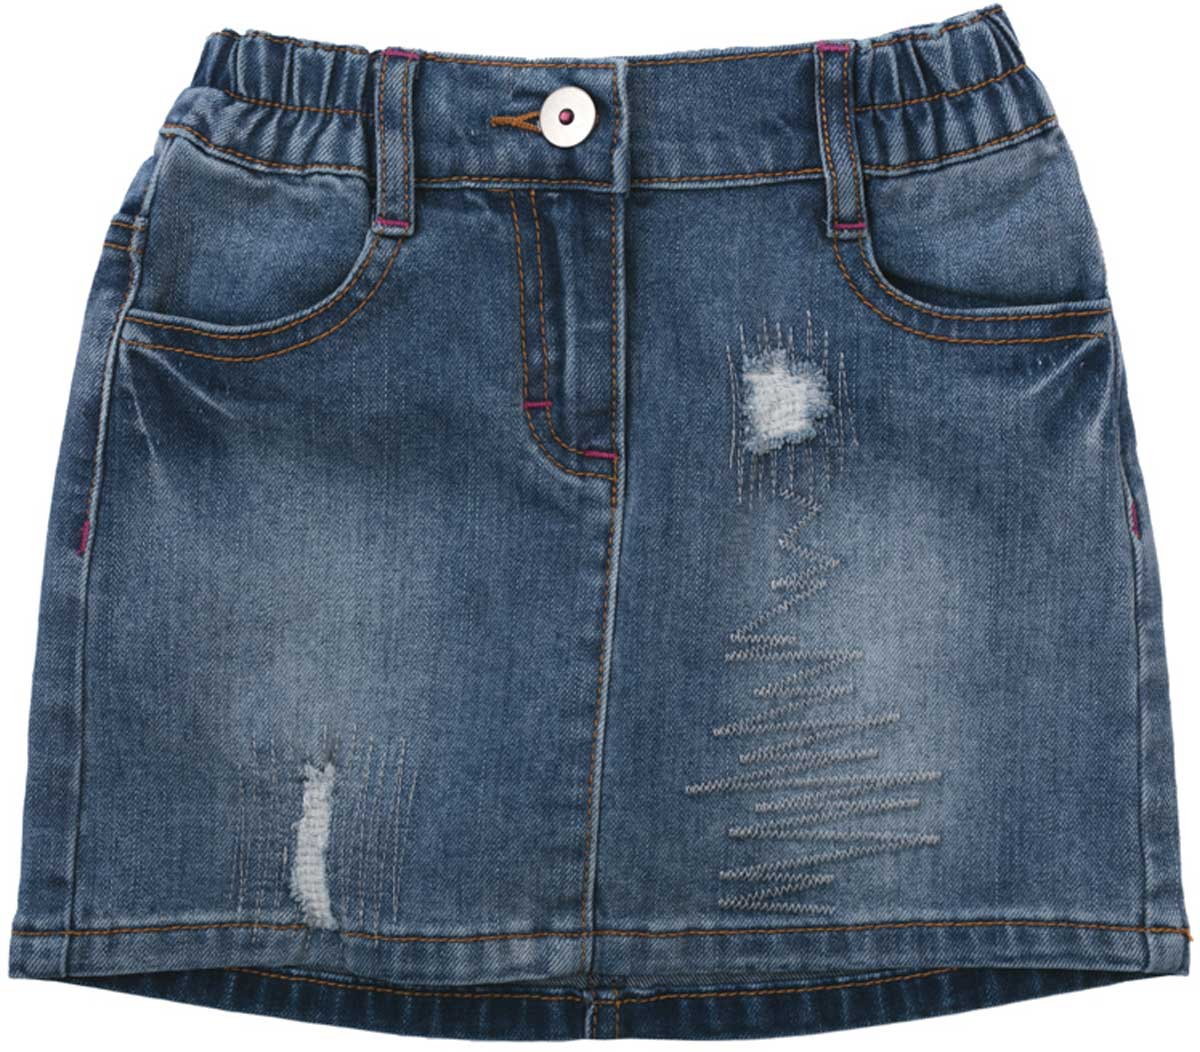 Юбка для девочки PlayToday, цвет: синий. 172062. Размер 122172062Яркая стильная юбка PlayToday станет хорошим дополнением детского гардероба. Юбка на резинке, мягкая ткань не сковывает движений ребенка. Материал приятен к телу и не вызывает раздражений.